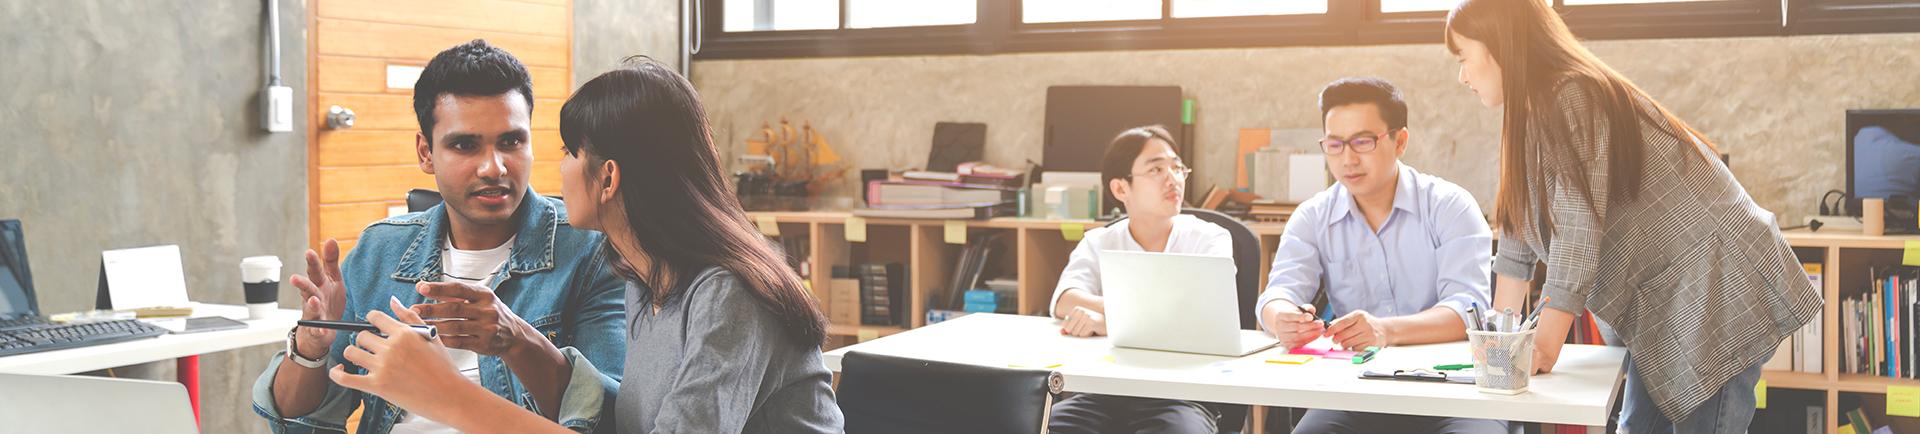 Jovens em ambiente de escritório a trabalhar